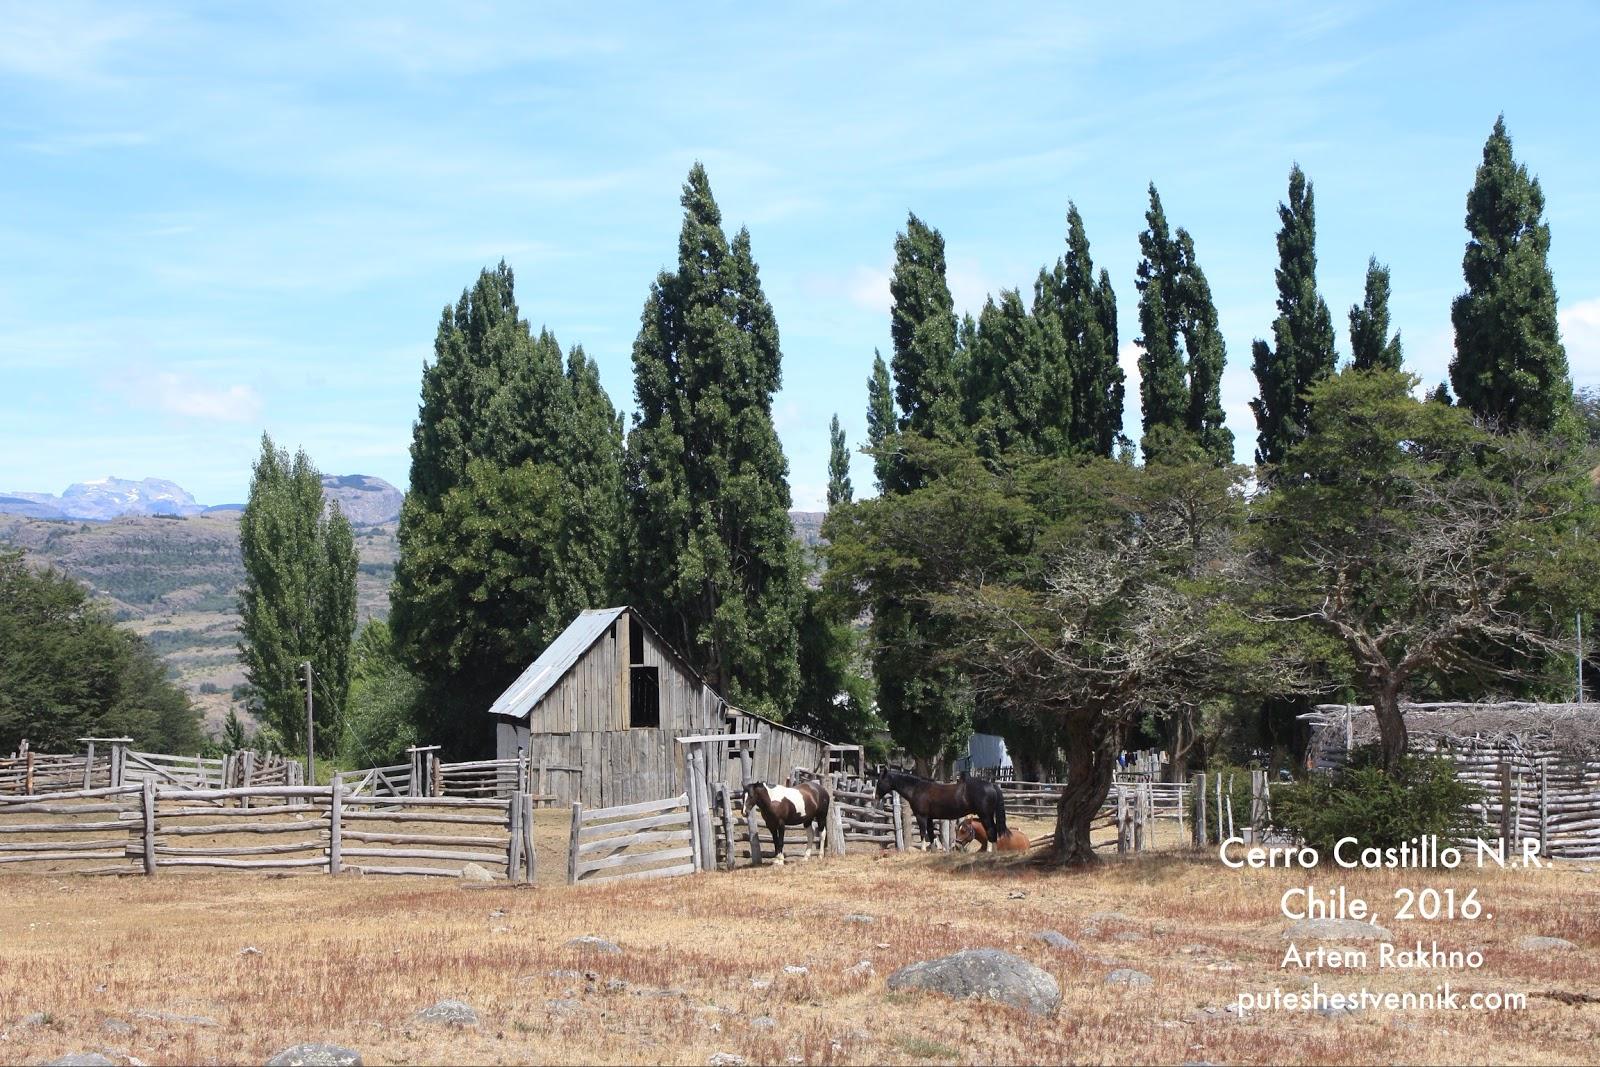 Лошади в чилийской деревне